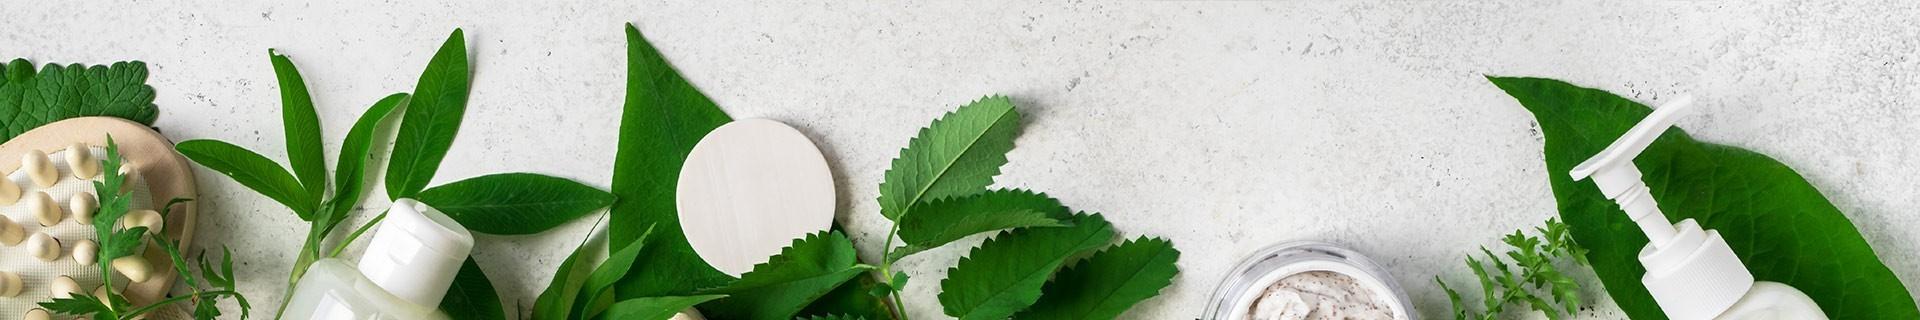 Vendita online di prodotti cosmetici:  prenditi cura del tuo corpo